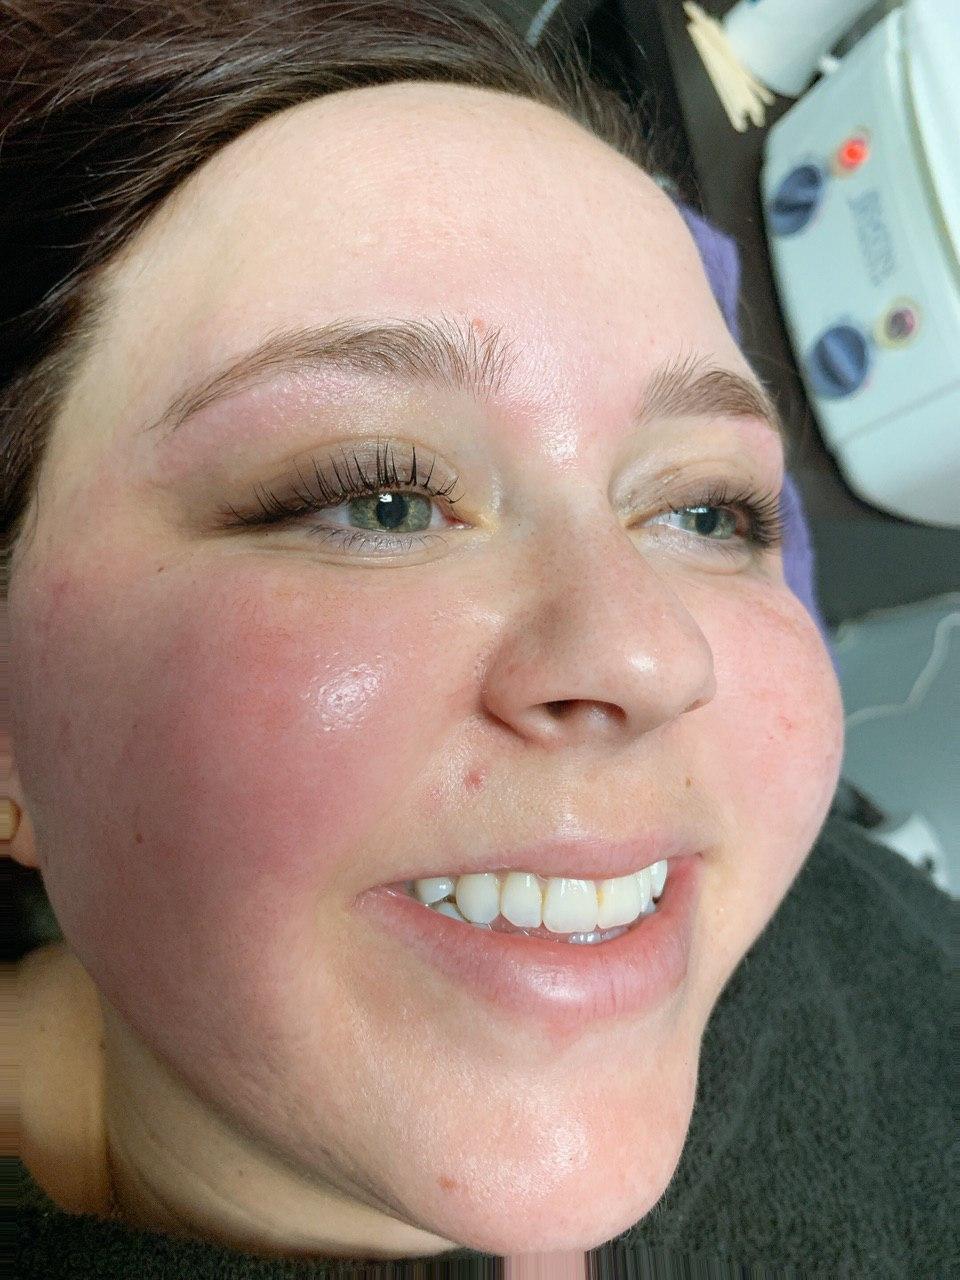 eyelash-lift-tint-near-me.jpg